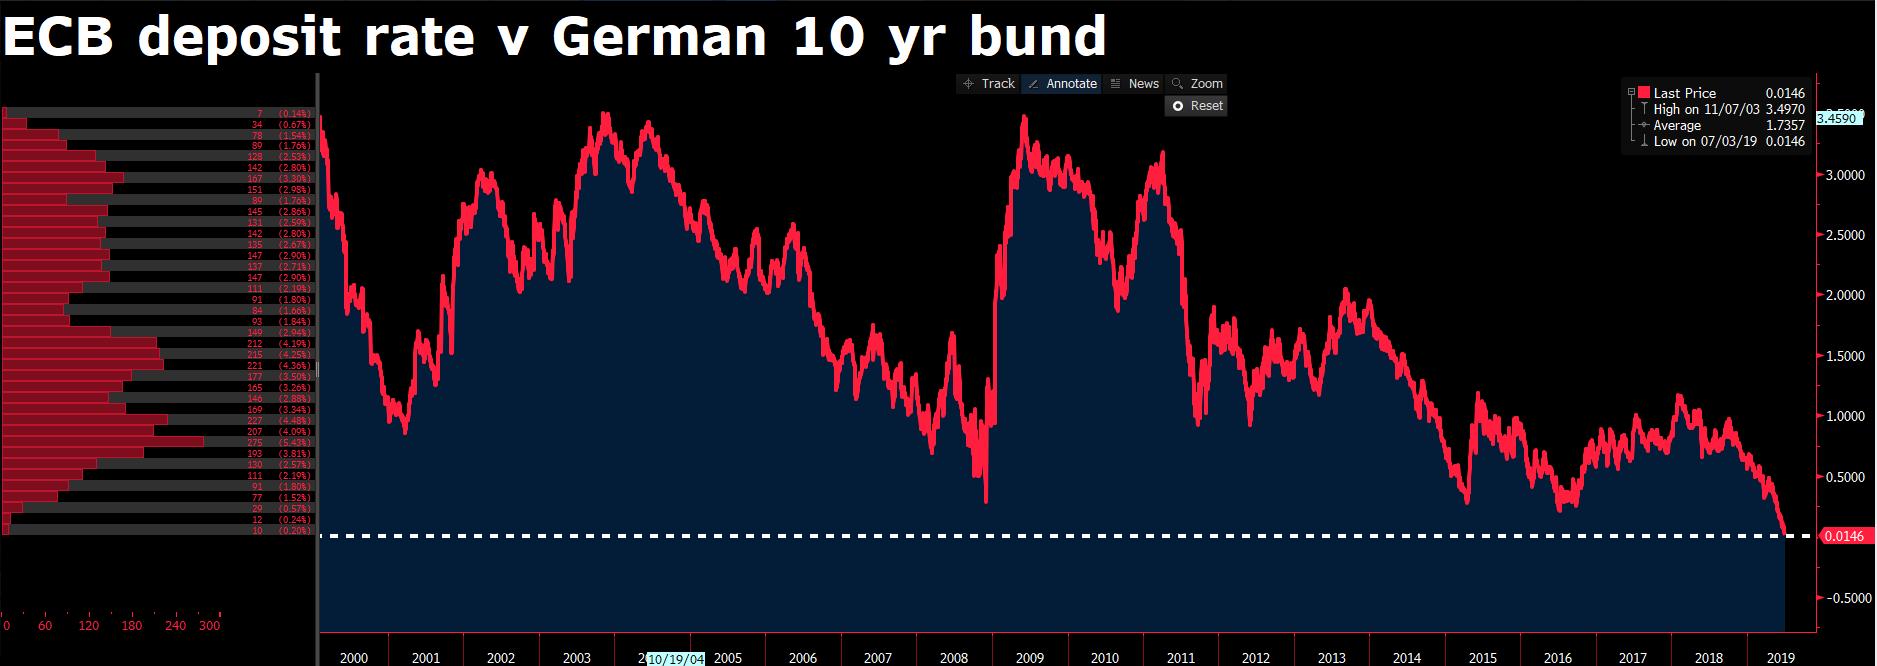 ECB deposit rate vs German 10-year bund